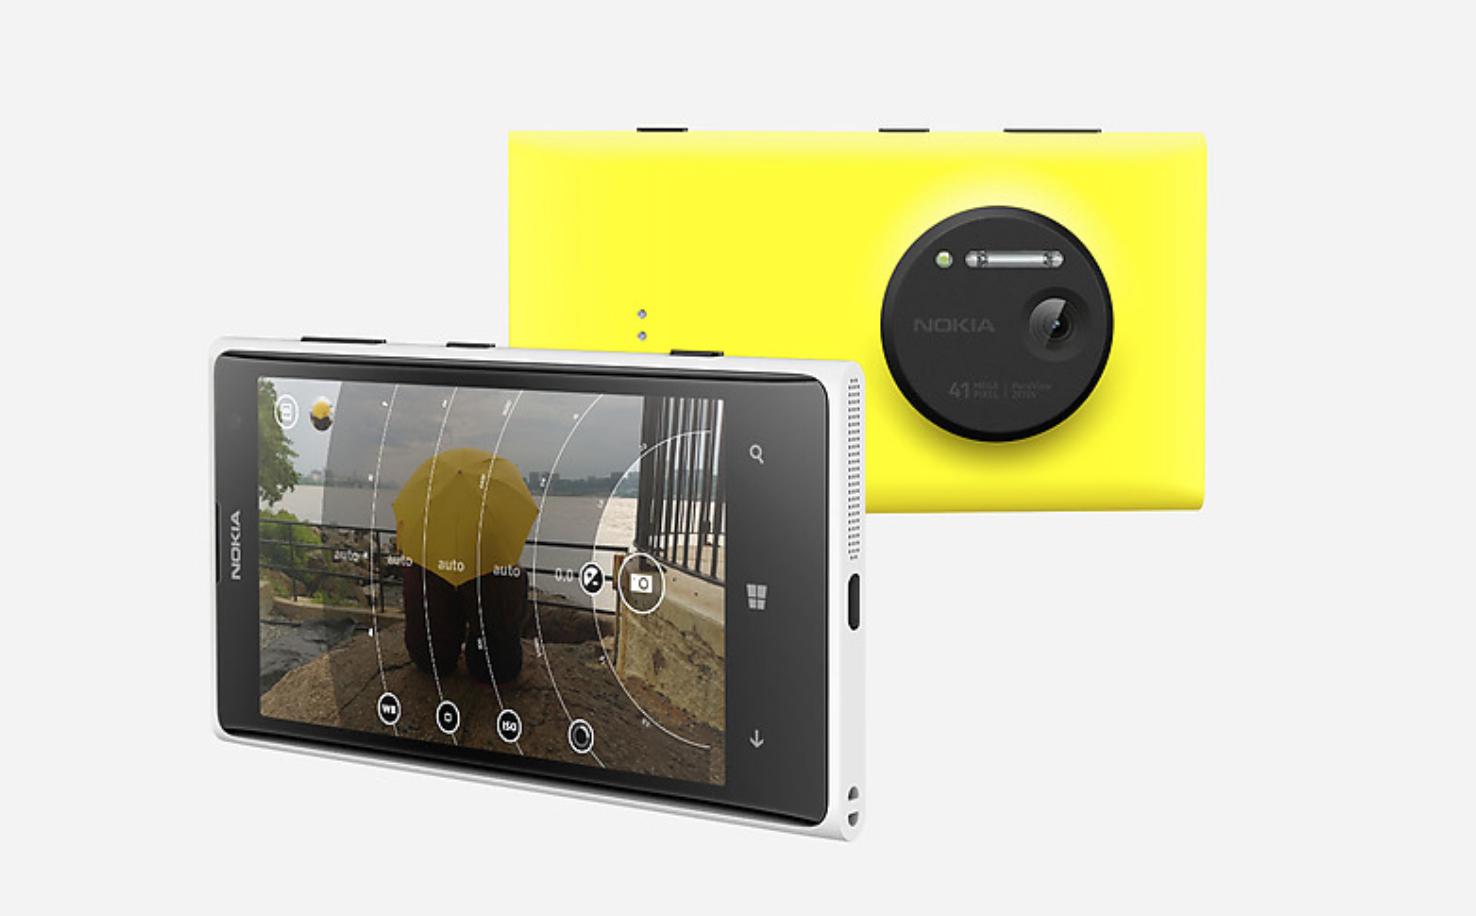 Nokia Lumia 1020 Verkaufsstart - http://www.mrmad.de/nokia-lumia-1020-verkaufsstart-1209 Heute landet das Megapixel Monster von Nokia offiziell im deutschen Handel. Das Nokia Lumia 1020 wird bei Amazon für 699 Euro gelistet und bewegt sich somit momentan noch in iPhone 5s Preissphären.